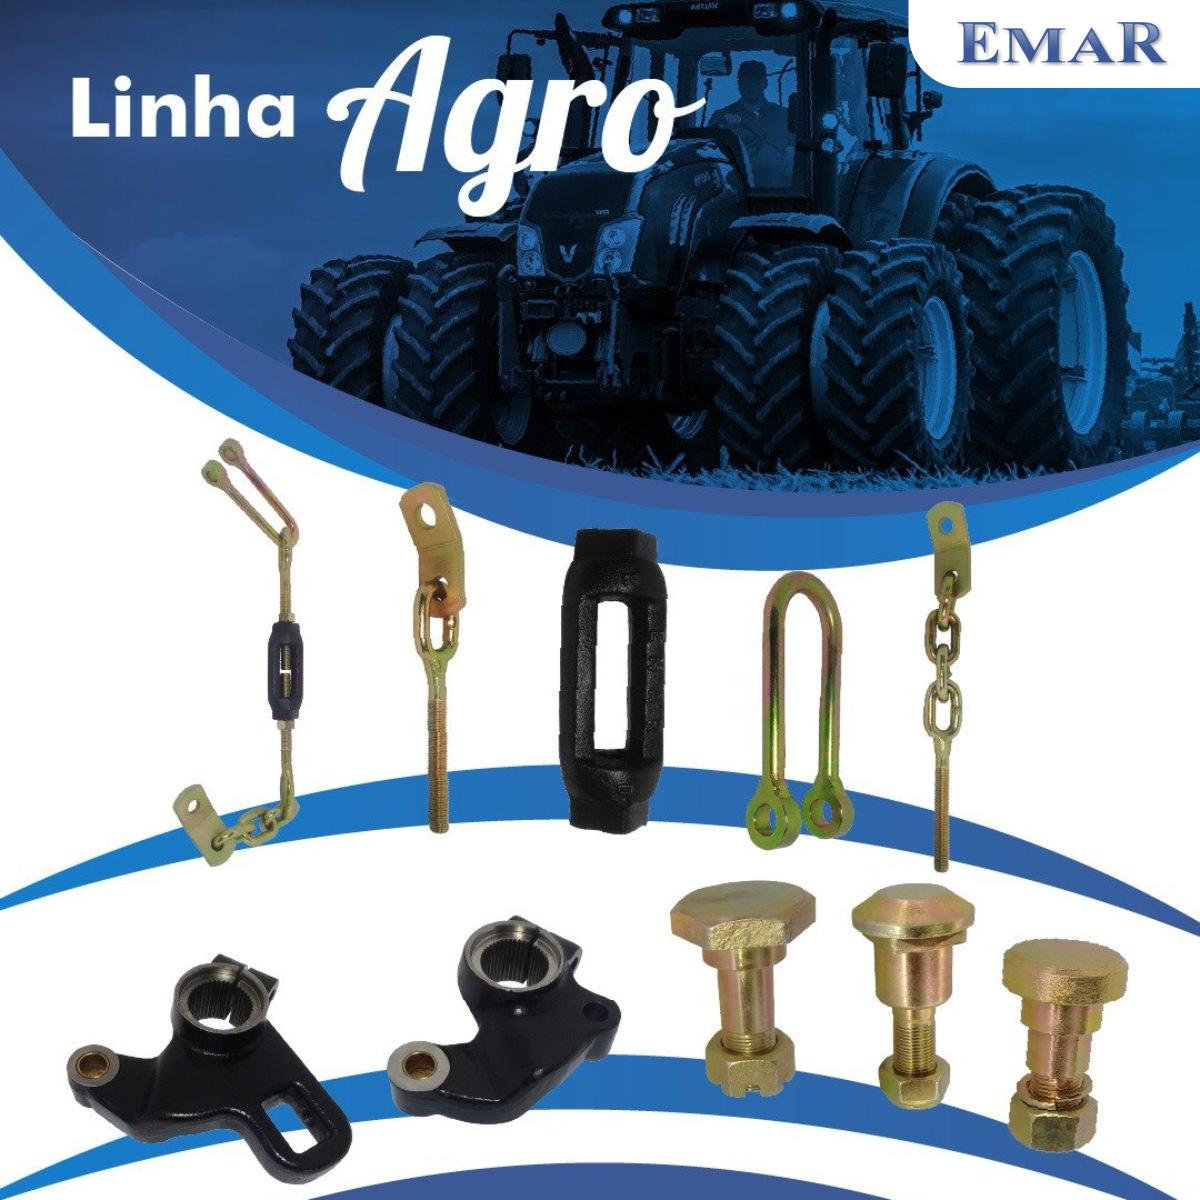 """Parafuso Faca Kamaq 1400 7/8""""unf - Linha Agrícola"""